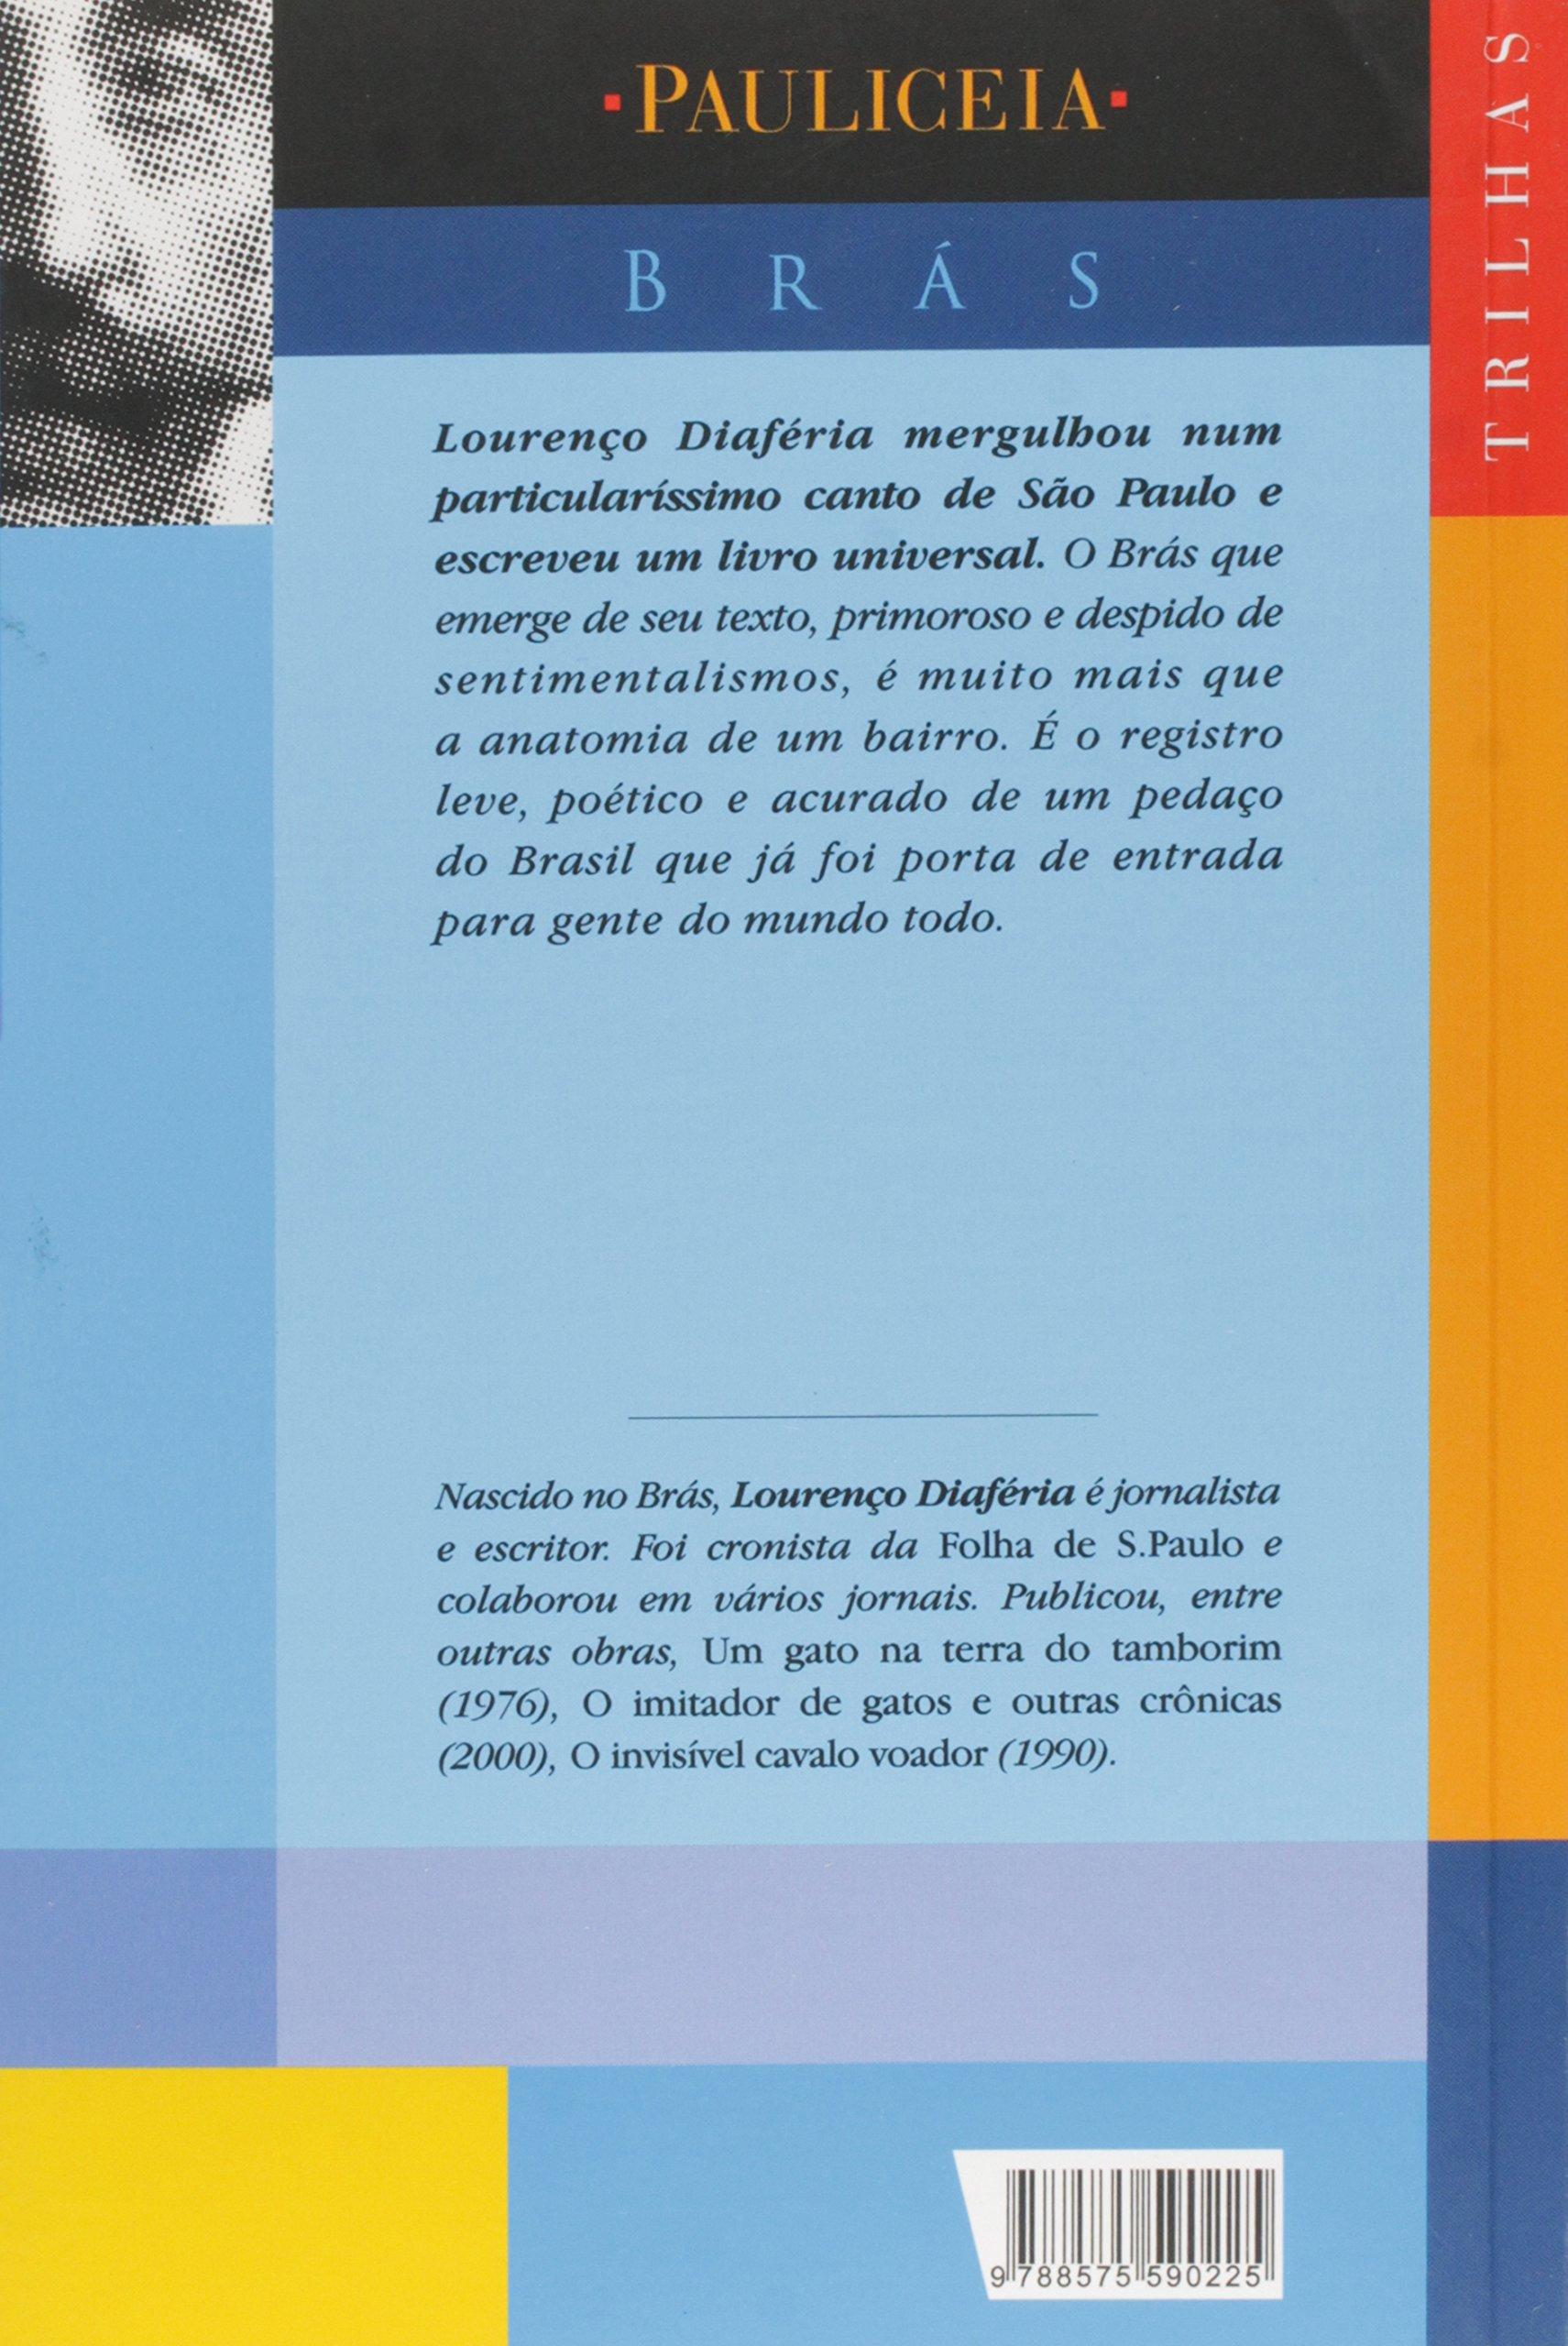 Bras - Sotaques E Desmemorias - Coleção Paulicéia: BOITEMPO / VIRAMUNDO: 9788575590225: Amazon.com: Books